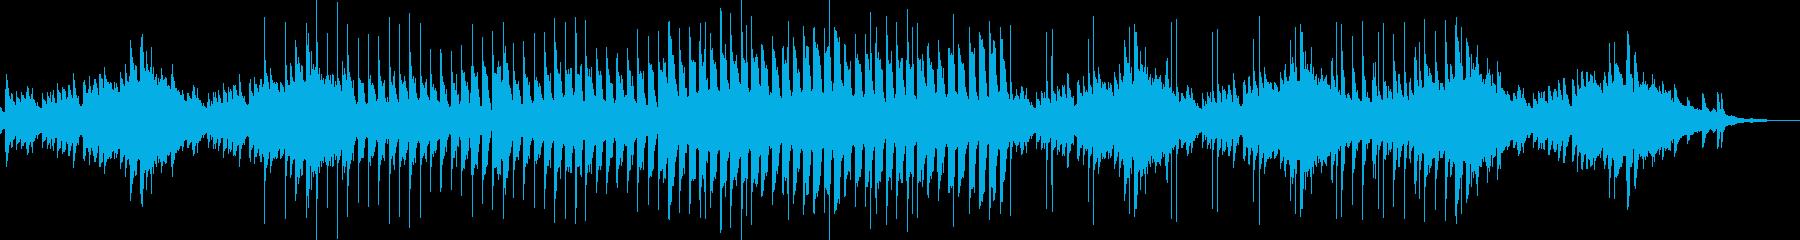 ピアノの旋律が切ないバラードの再生済みの波形